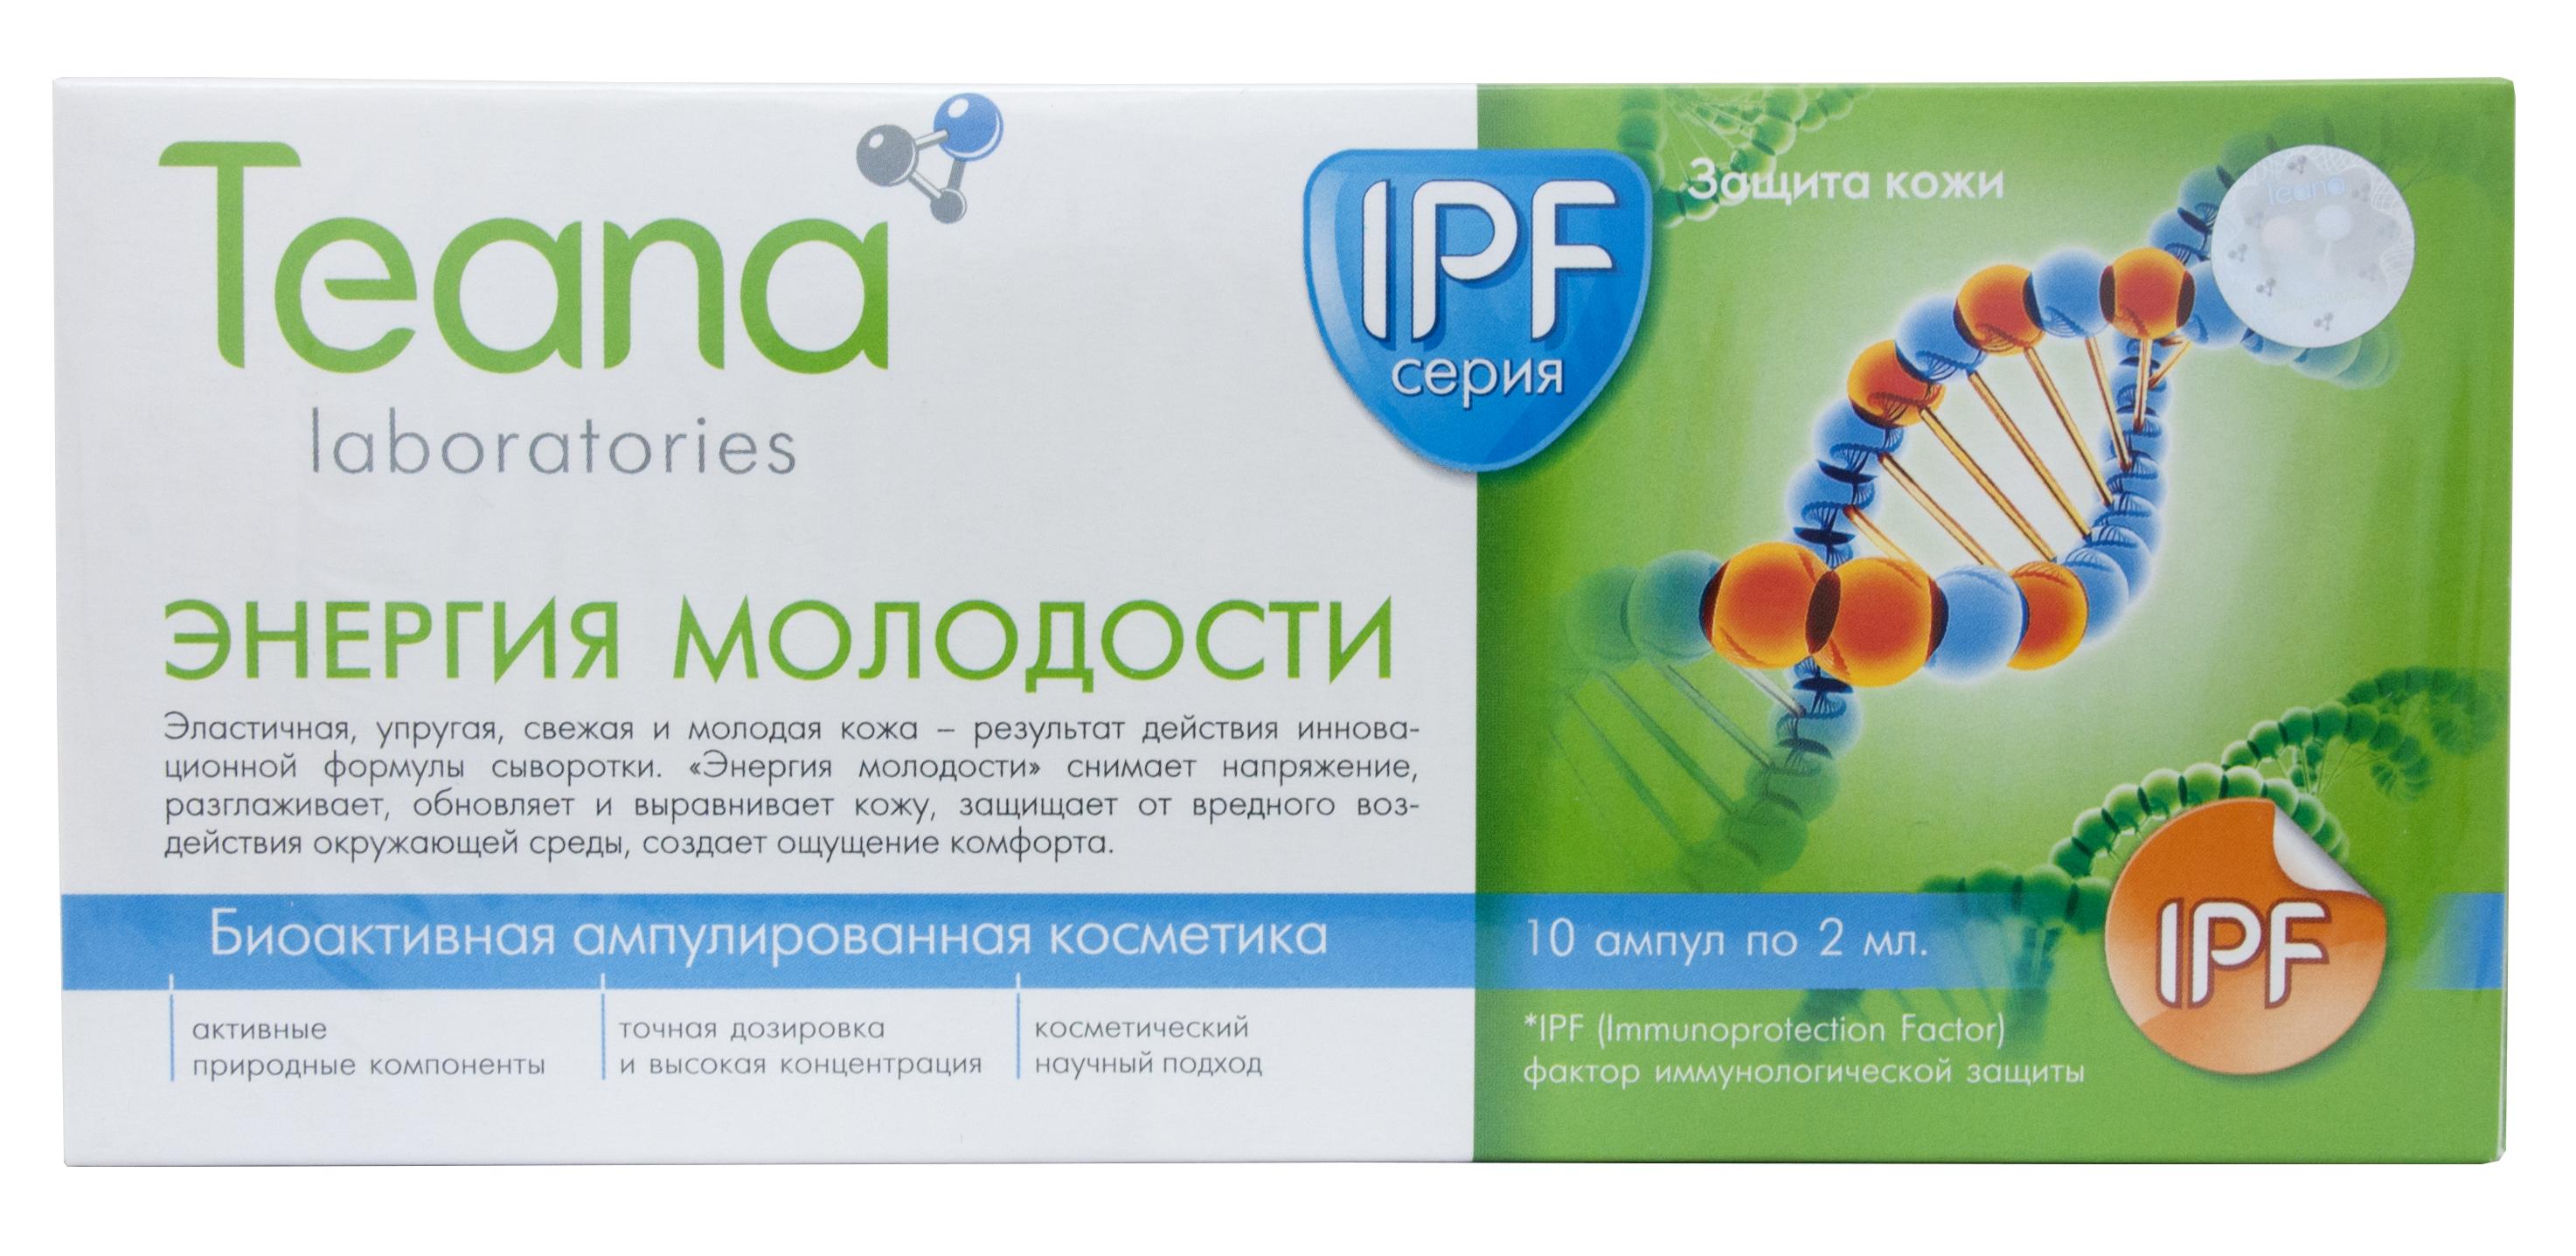 сыворотка для лица teana ipf энергия молодости отзывы